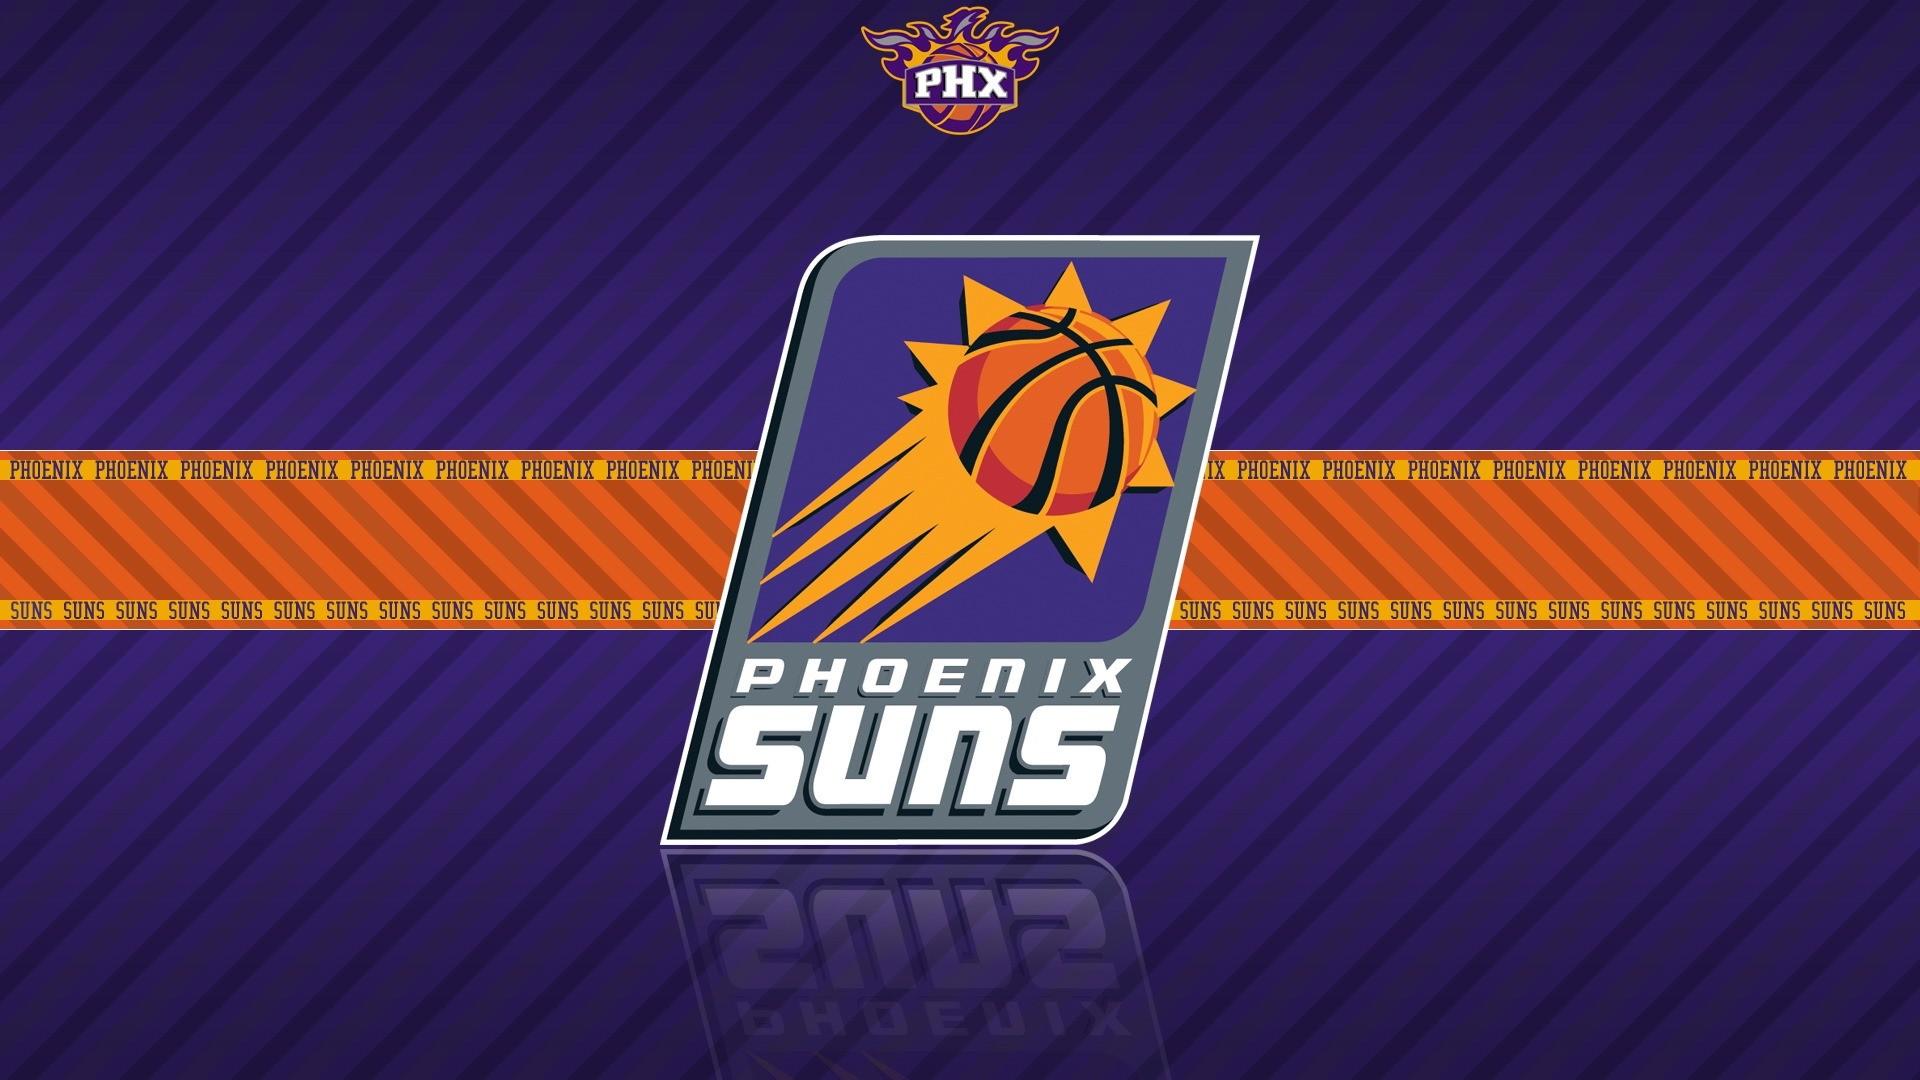 Phoenix Suns Wallpaper HD 2021 Basketball Wallpaper 1920x1080